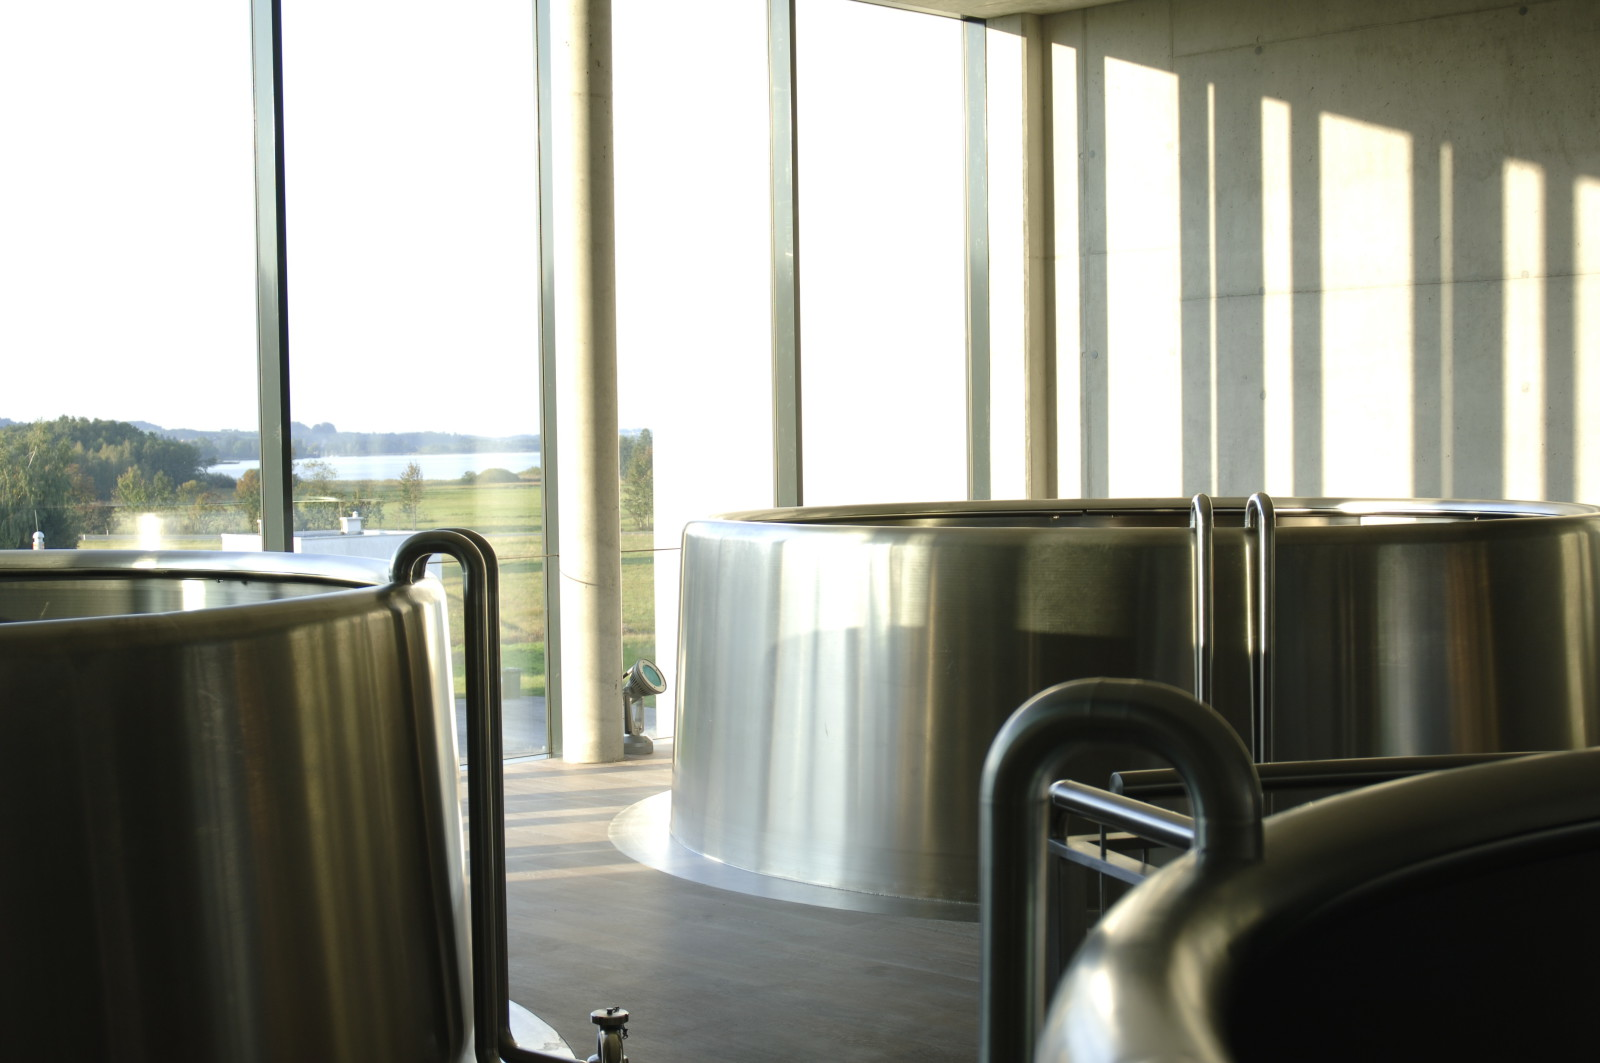 Die Panorama Brauerei in Obertrum. Handwerkskunst inmintten der Natur seit acht Generationen